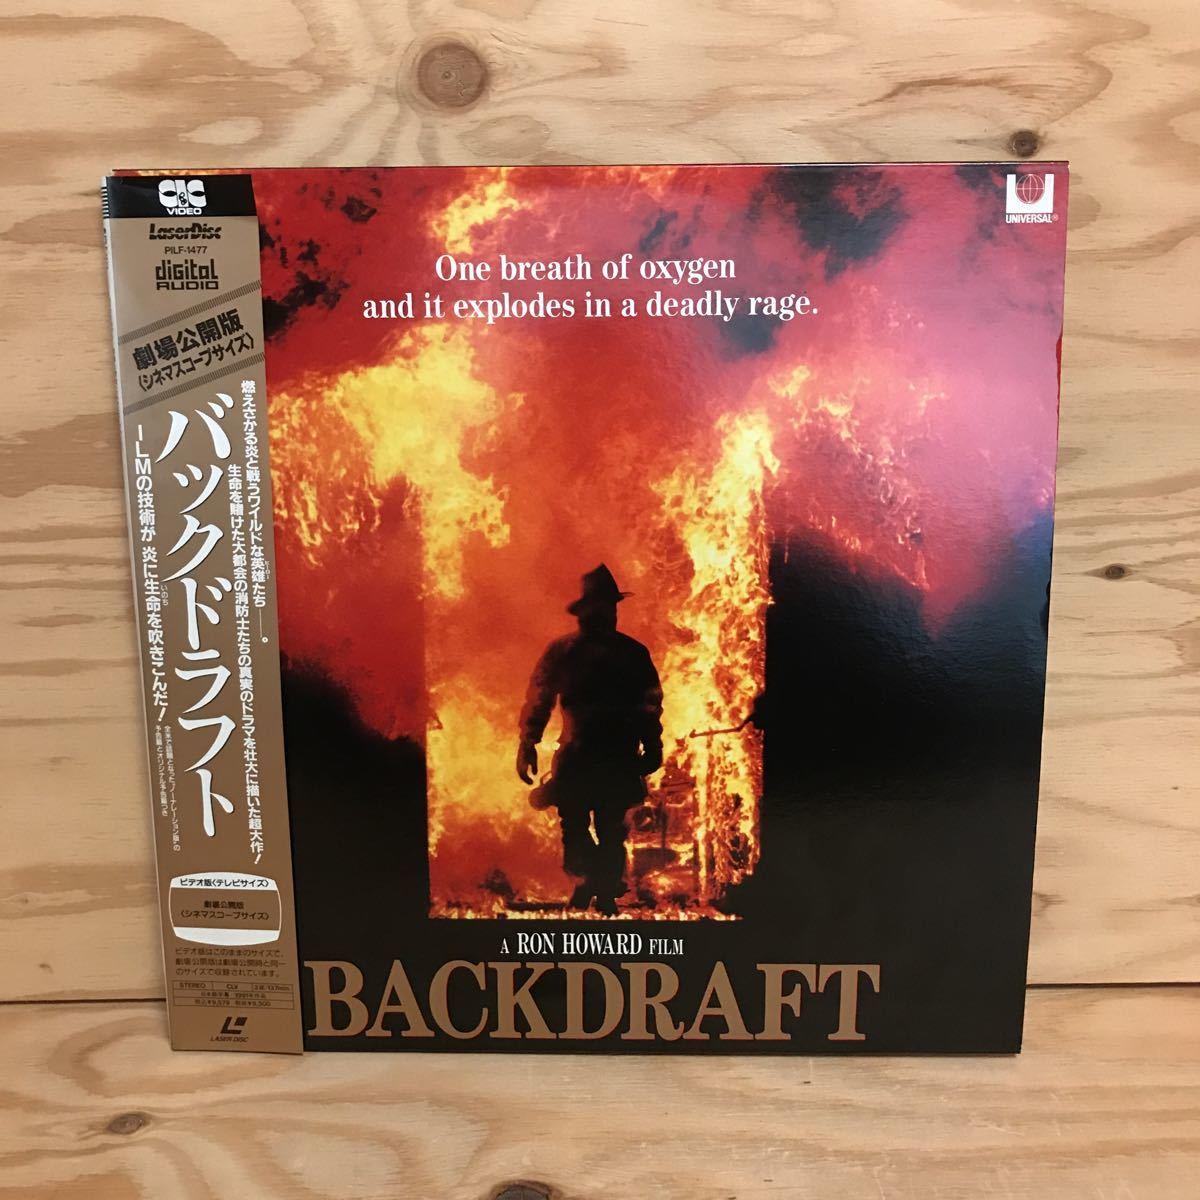 ◎K3FIID-200305 レア[バックドラフト BACKDRAFT]LD レーザーディスク ロン・ハワード カート・ラッセル _画像1